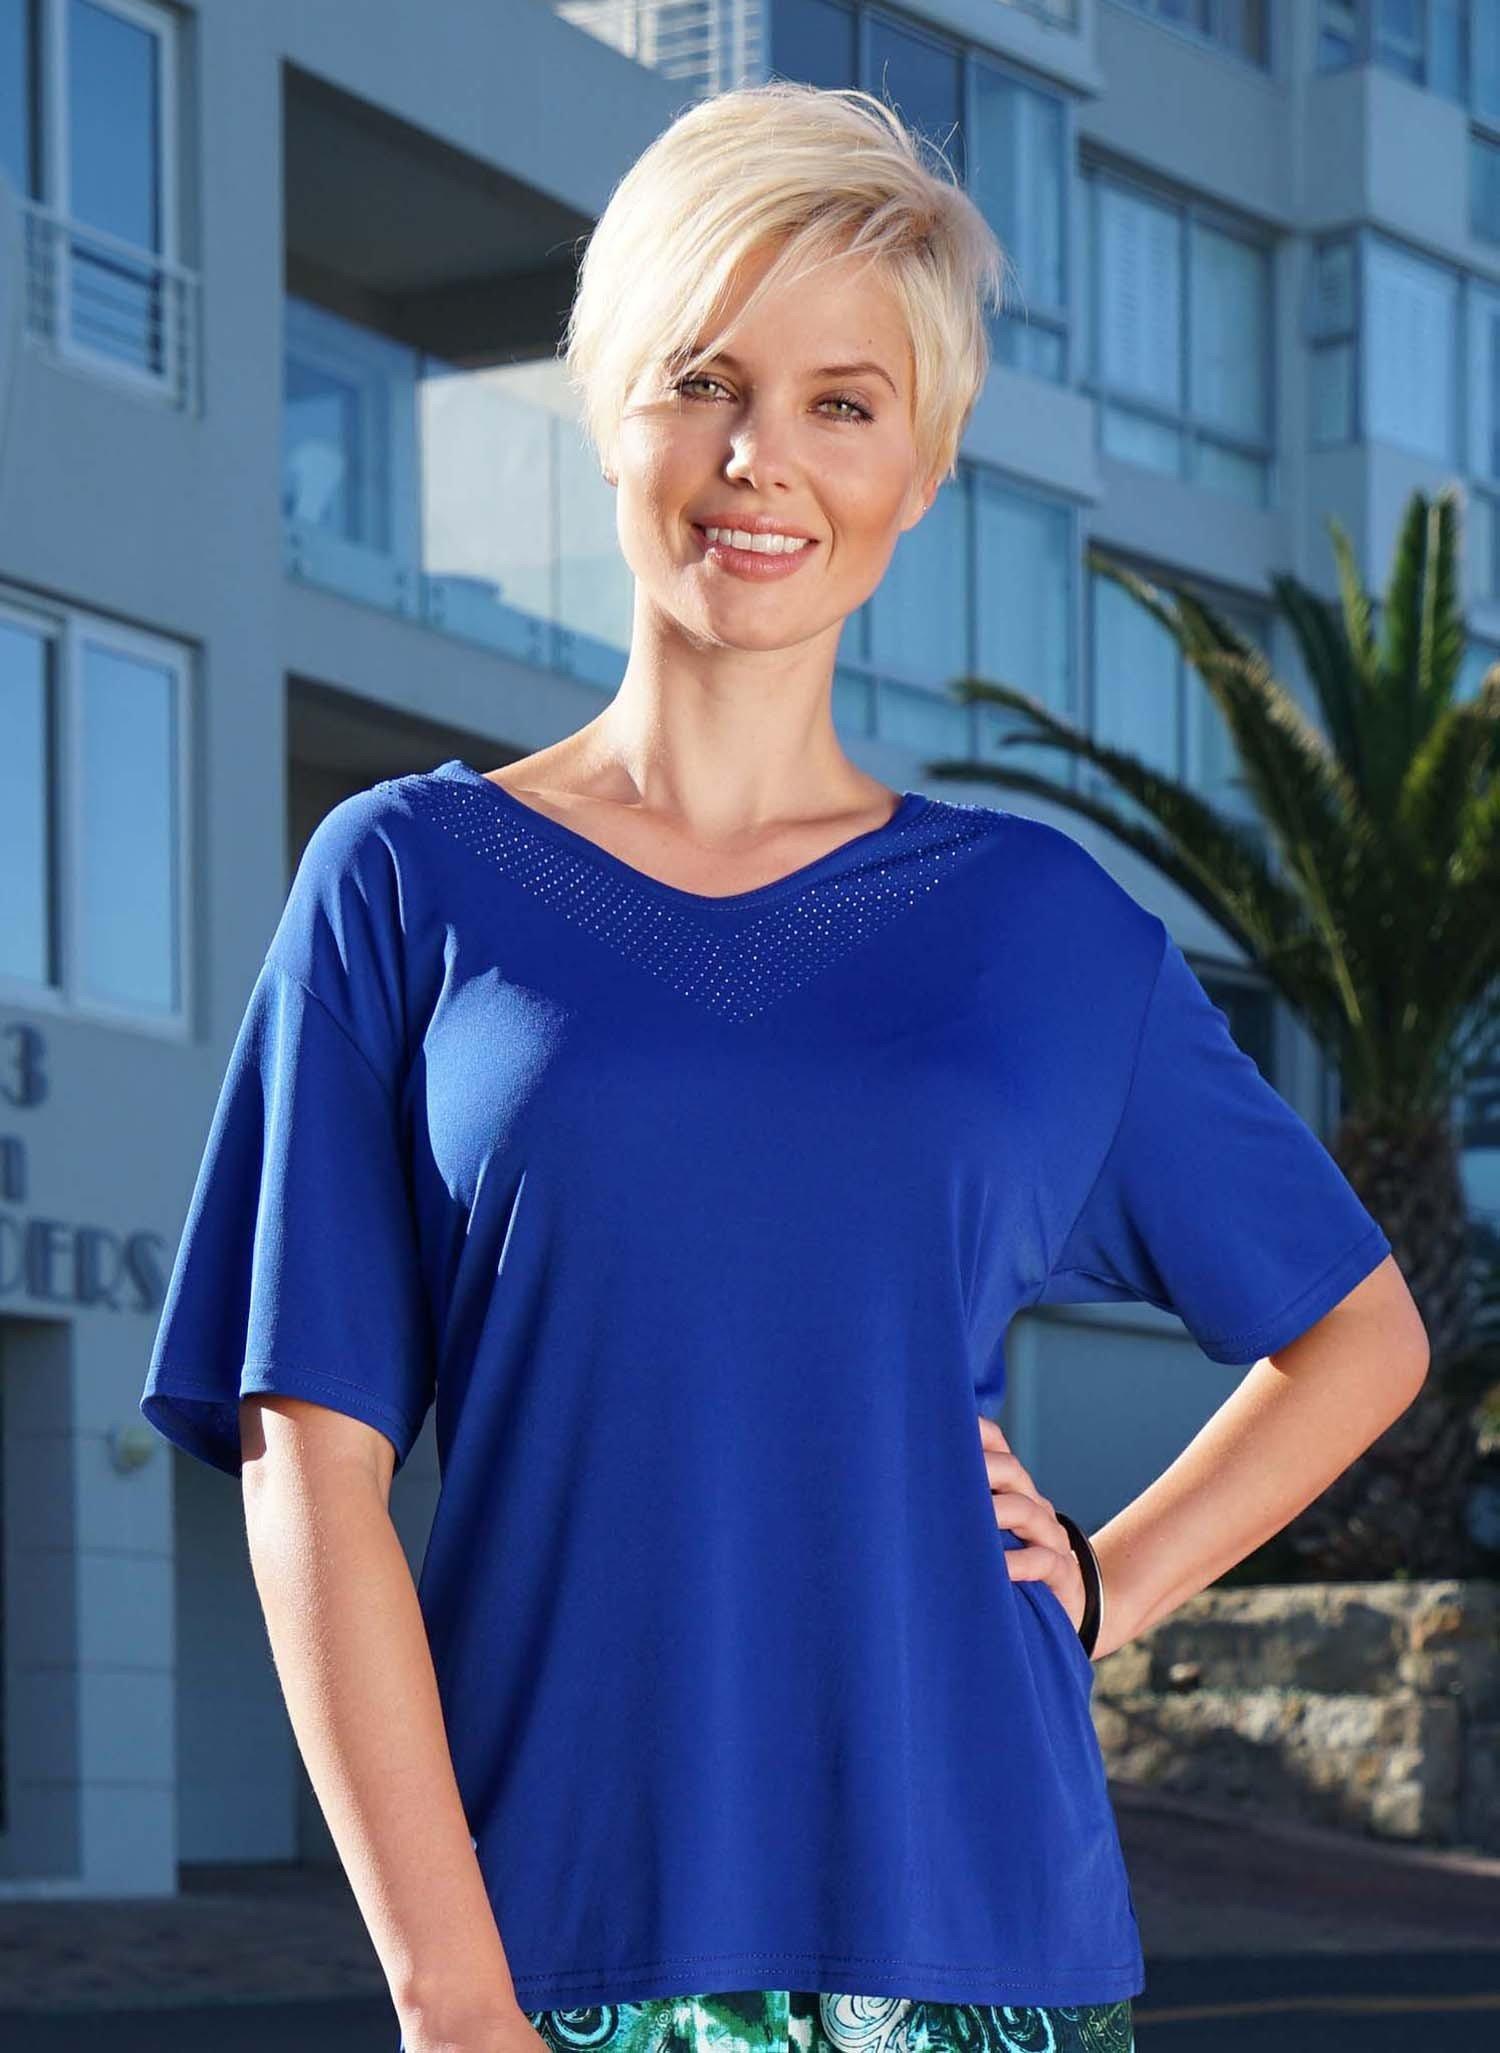 D-KA-Shirt,V-Ausschnitt k'blau L 052 - 1 - Ronja.ch